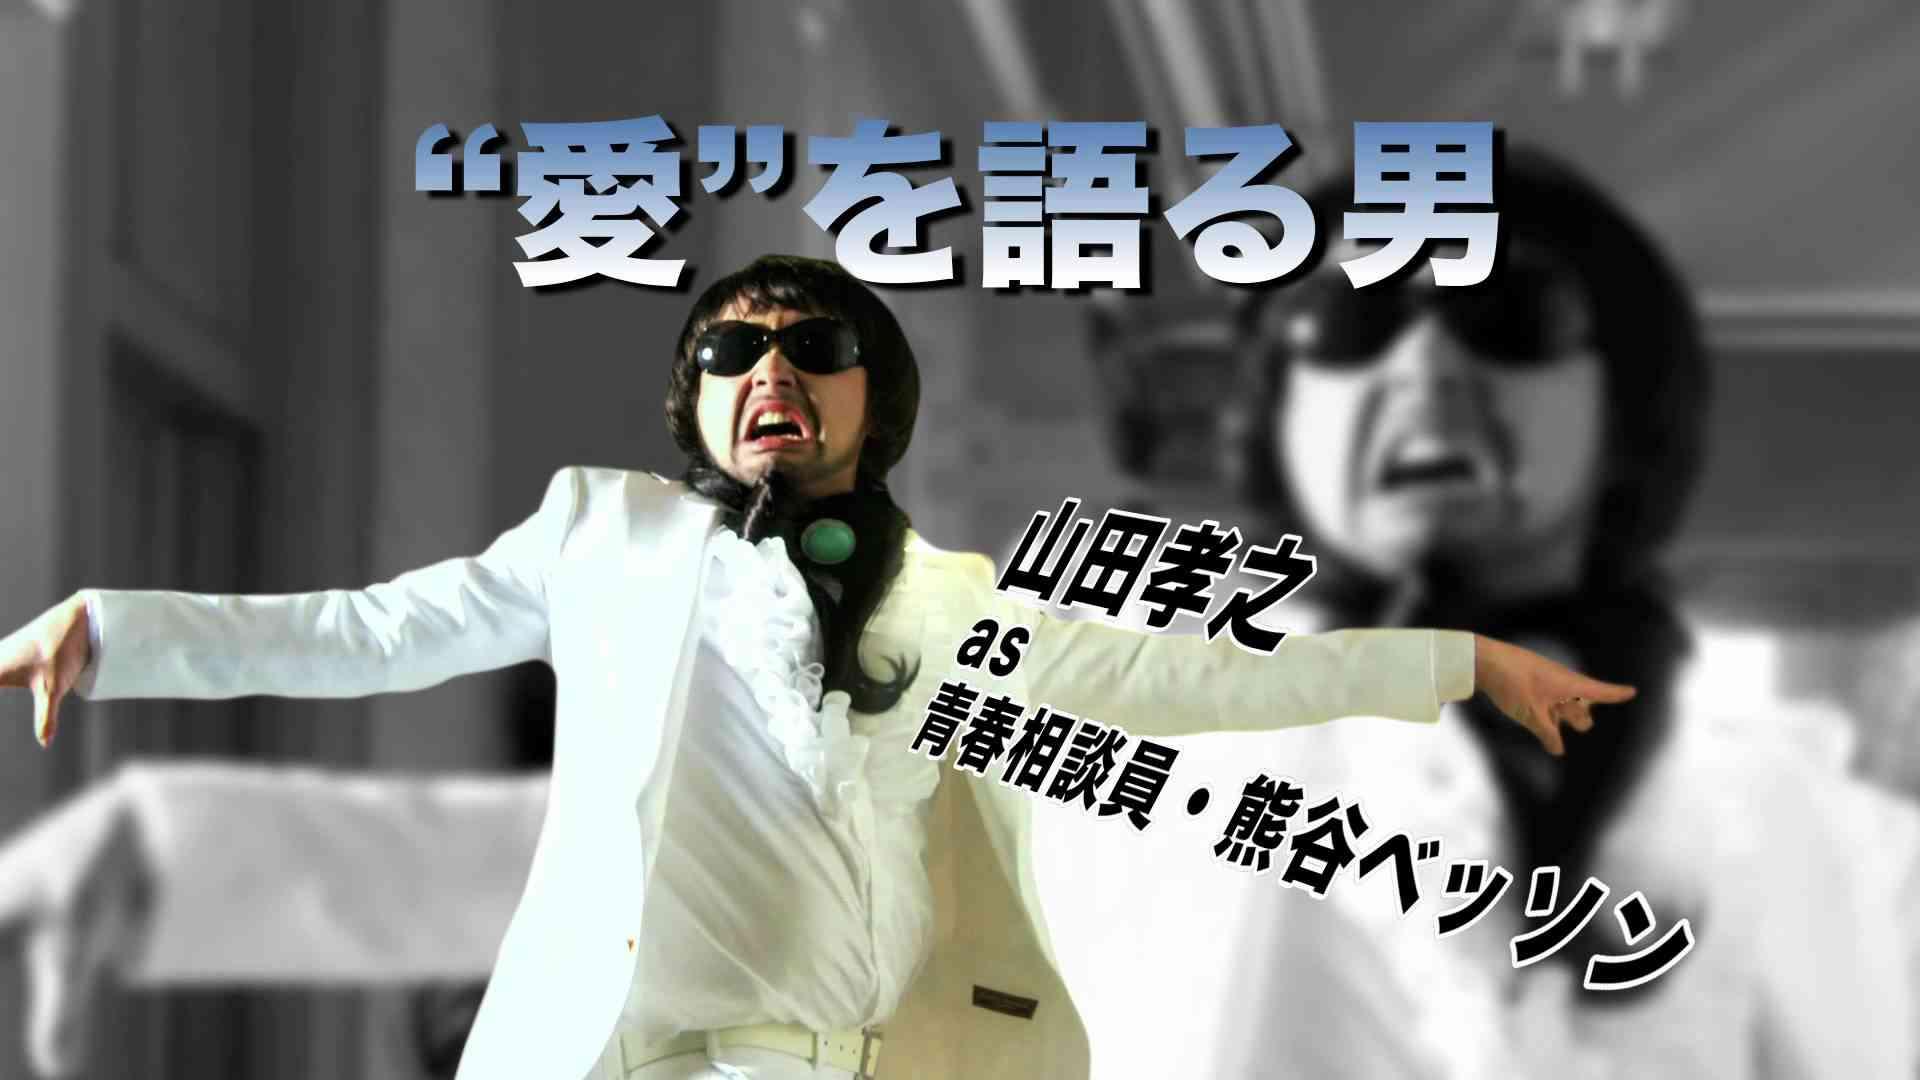 映画『ミロクローゼ』予告編 - YouTube